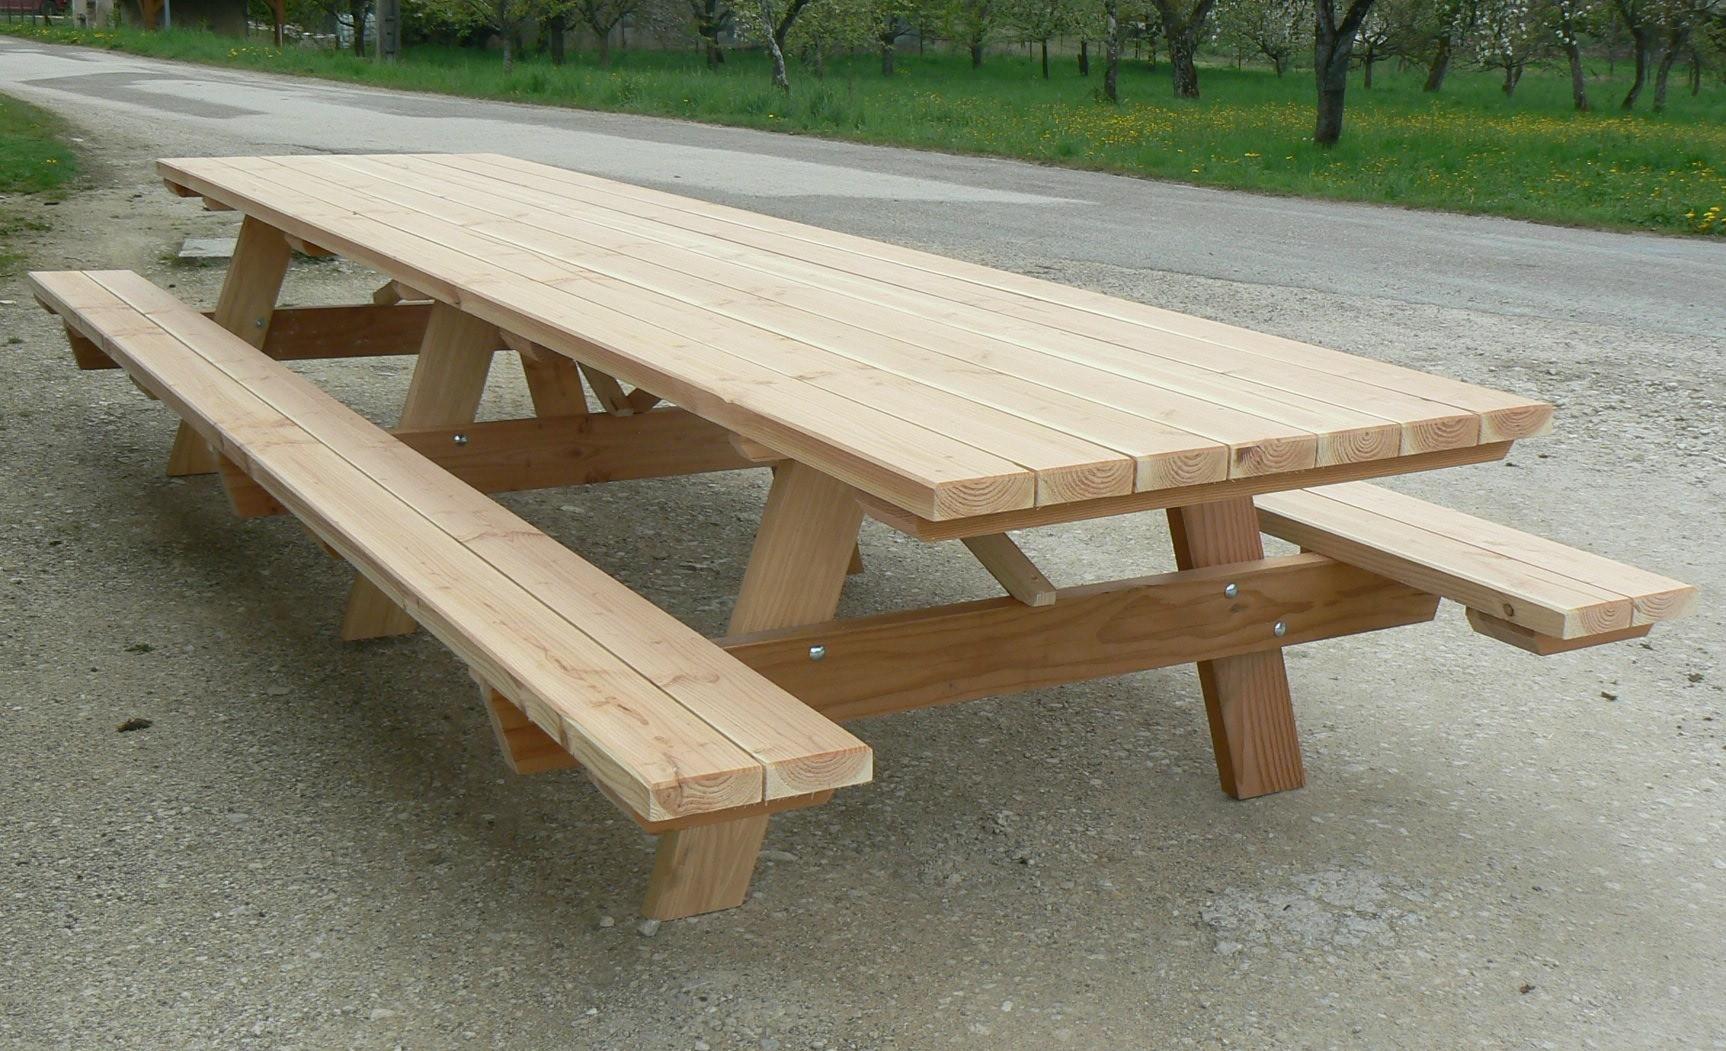 Table De Jardin En Bois Pas Cher Concept - Idees Conception ... encequiconcerne Table De Jardin En Bois Pas Cher